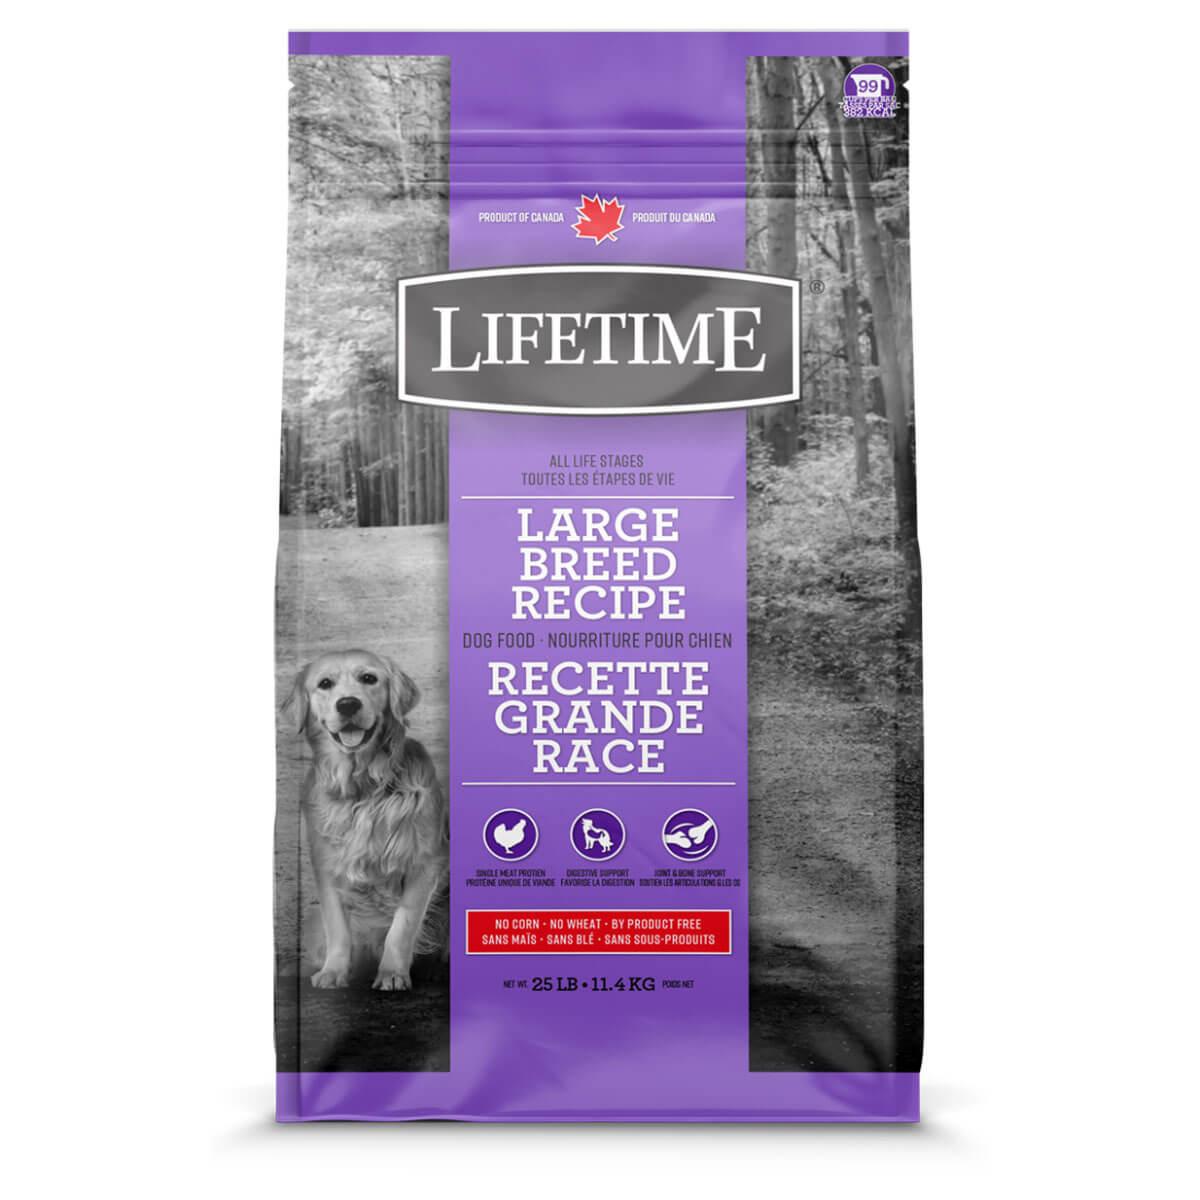 Lifetime Large Breed Chicken Dog Food - 11.4 kg